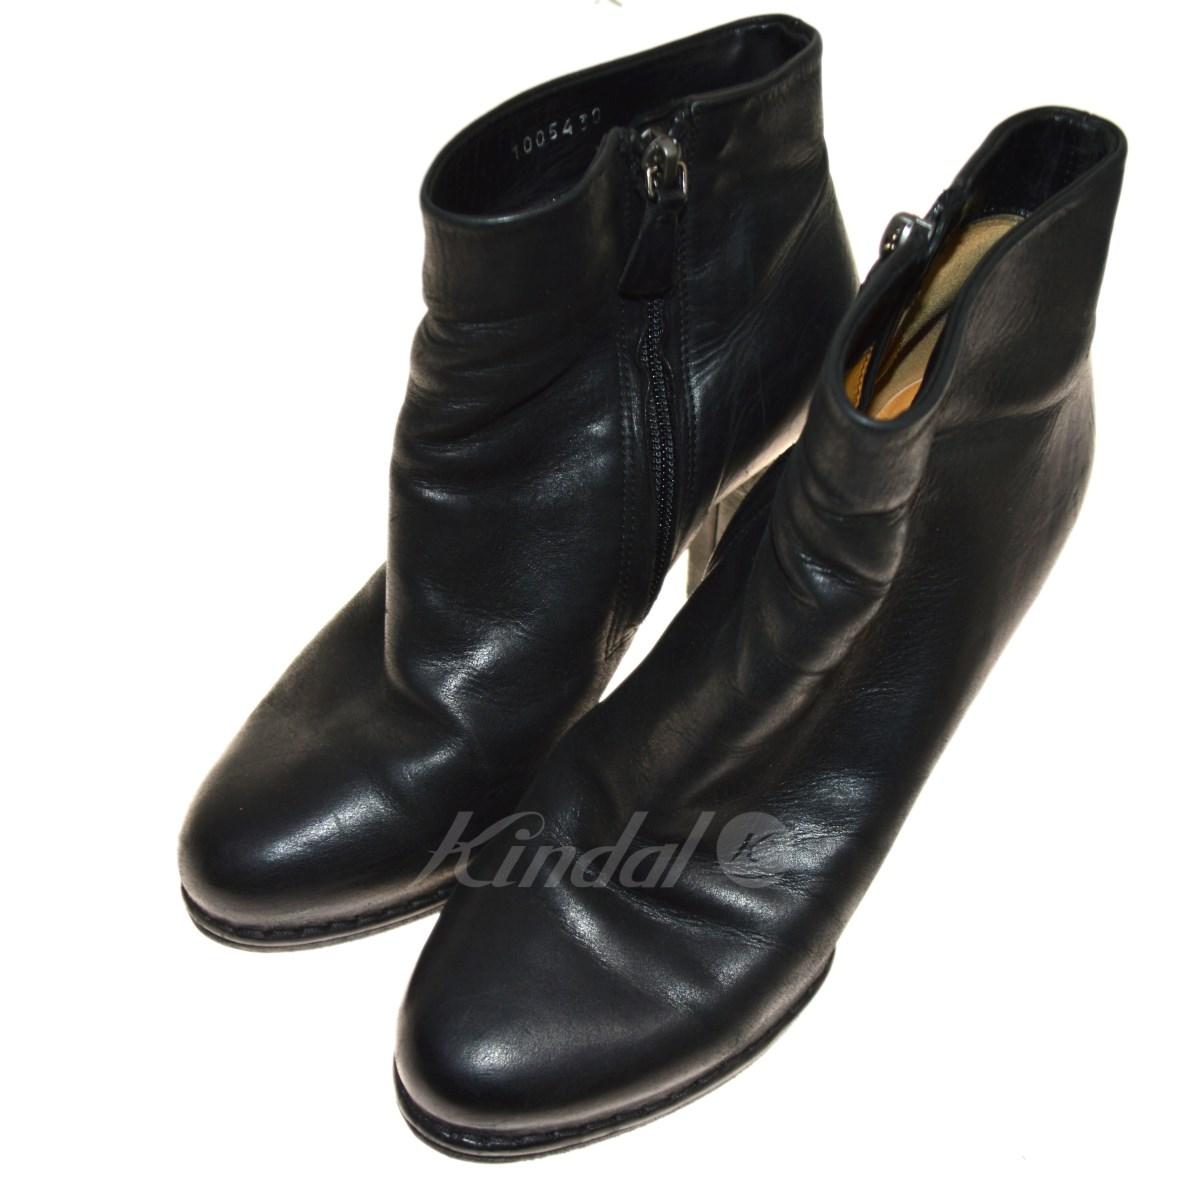 【中古】ROBERTO DEL CARLO ショートブーツ ブラック サイズ:38 【送料無料】 【180918】(ロベルト・デル・カルロ)